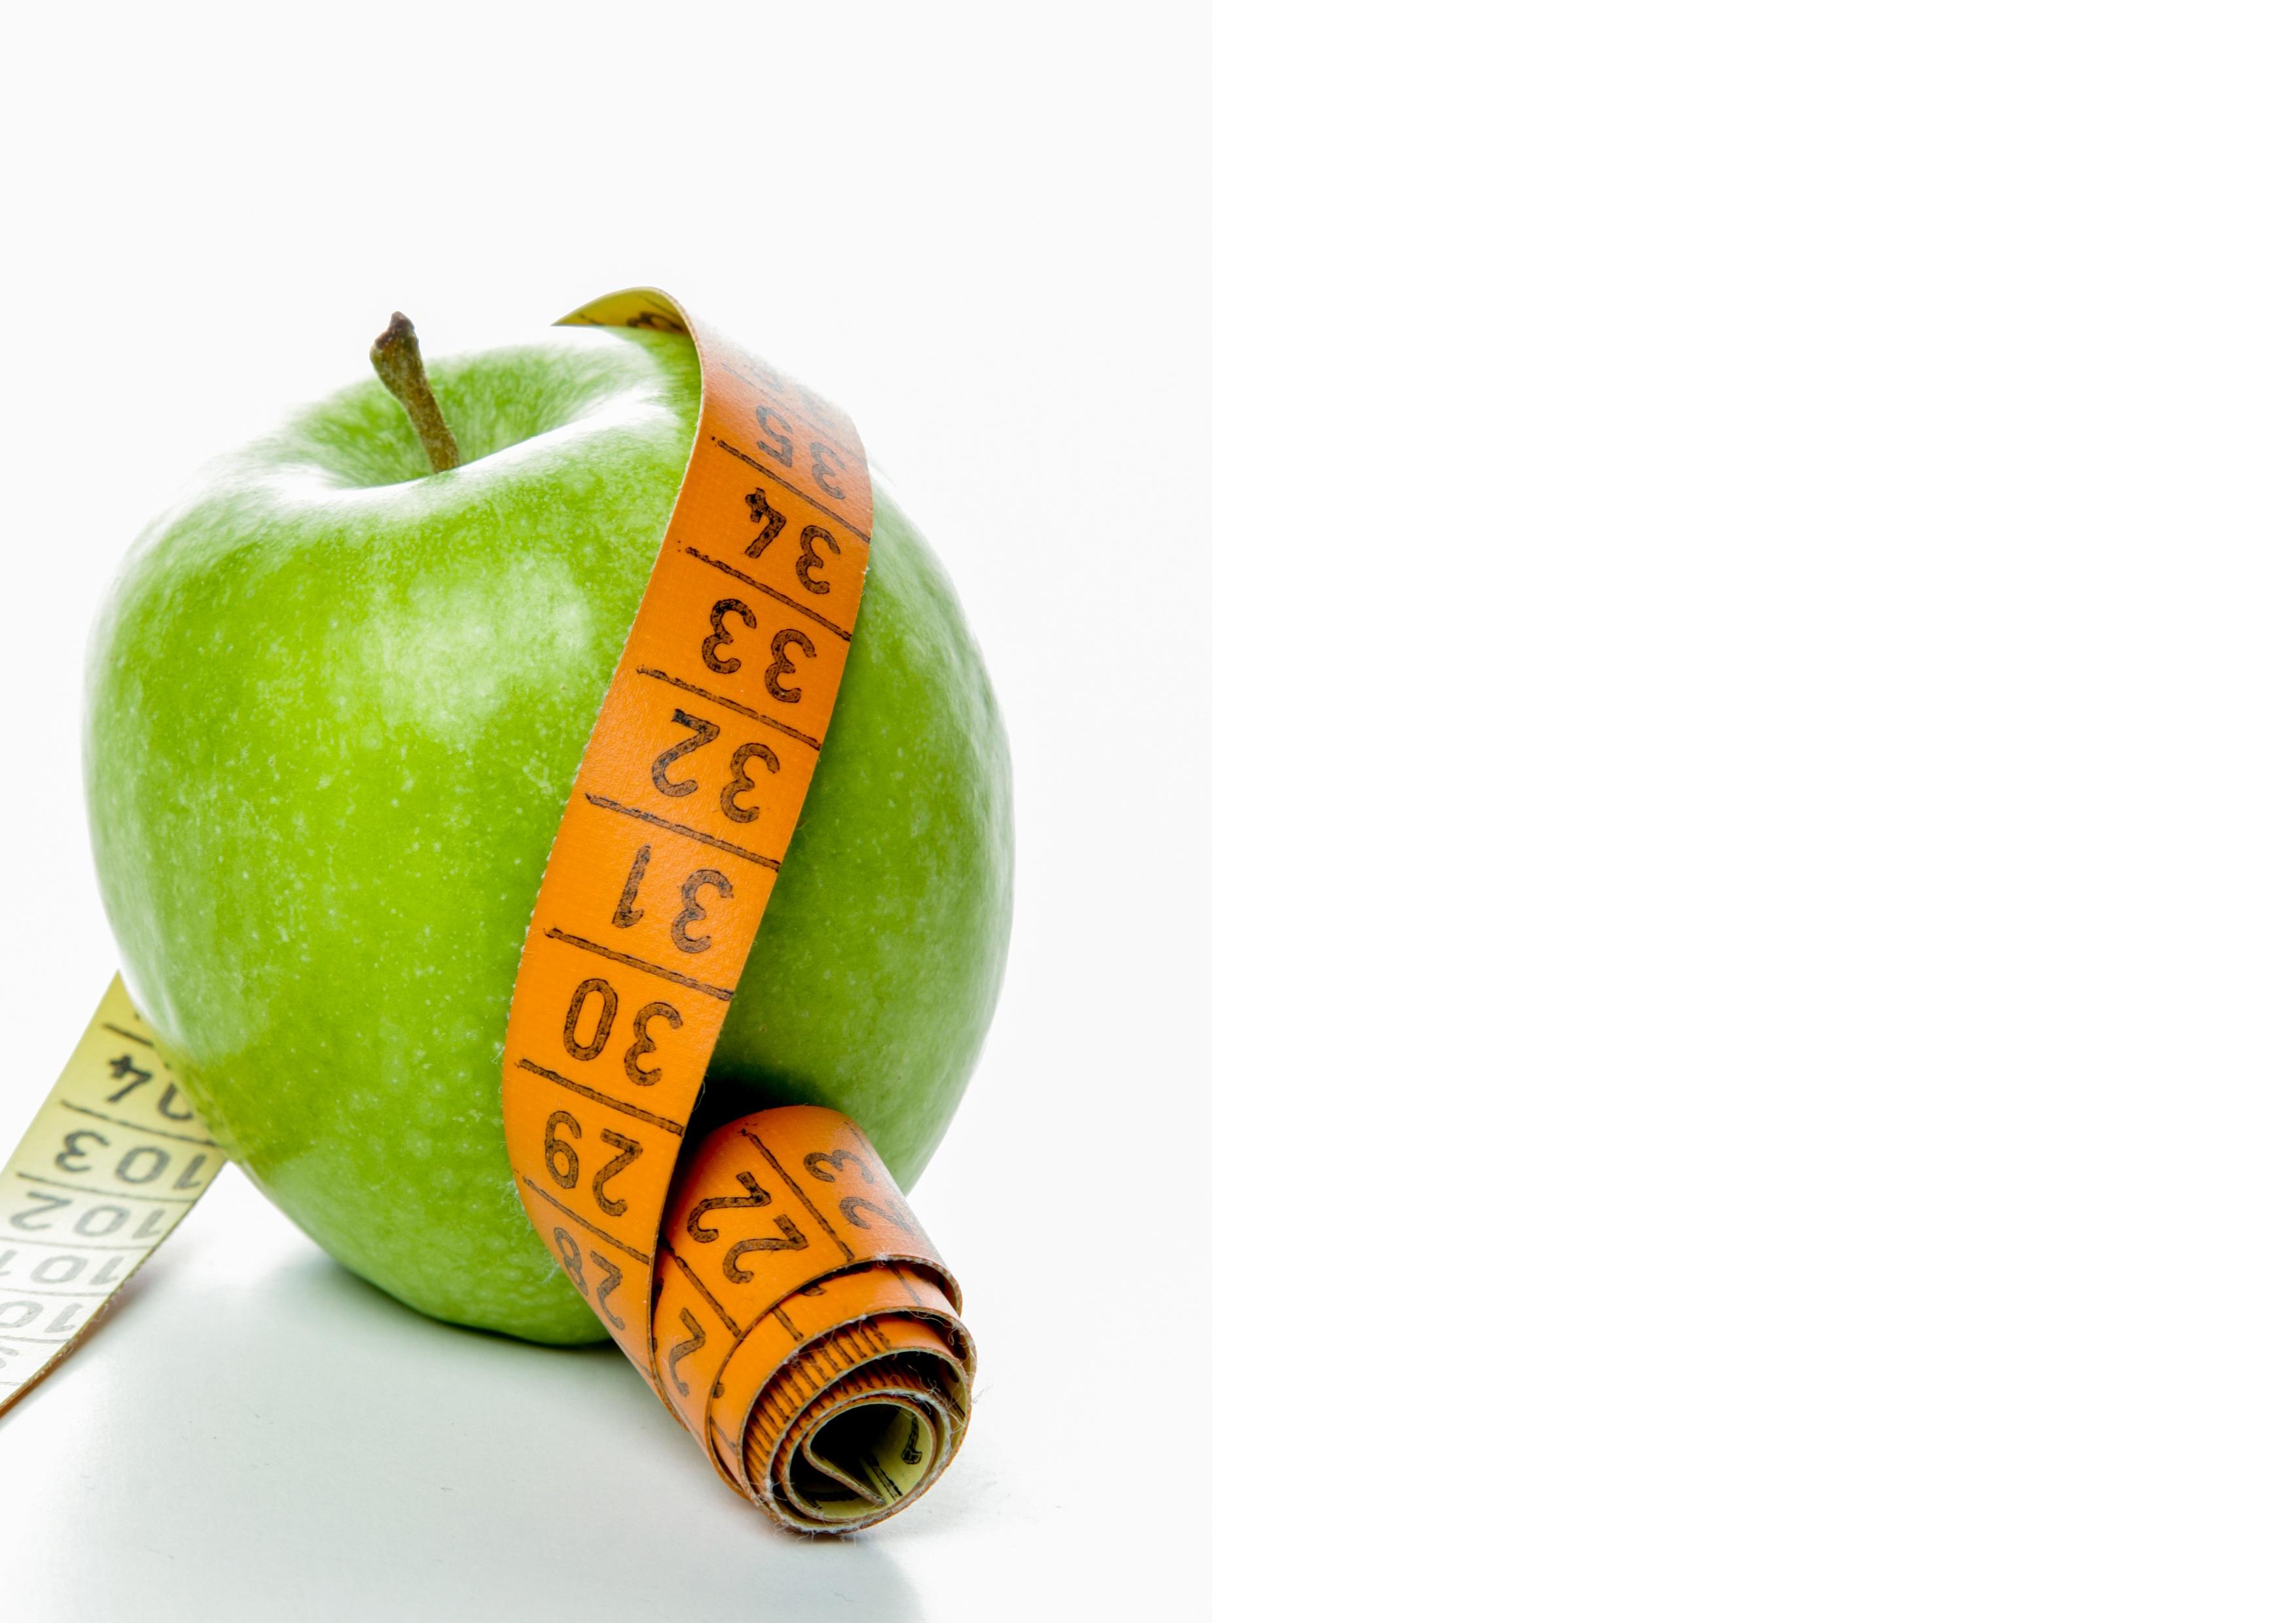 Diet Hanya Mengonsumsi Buah, Bolehkah?